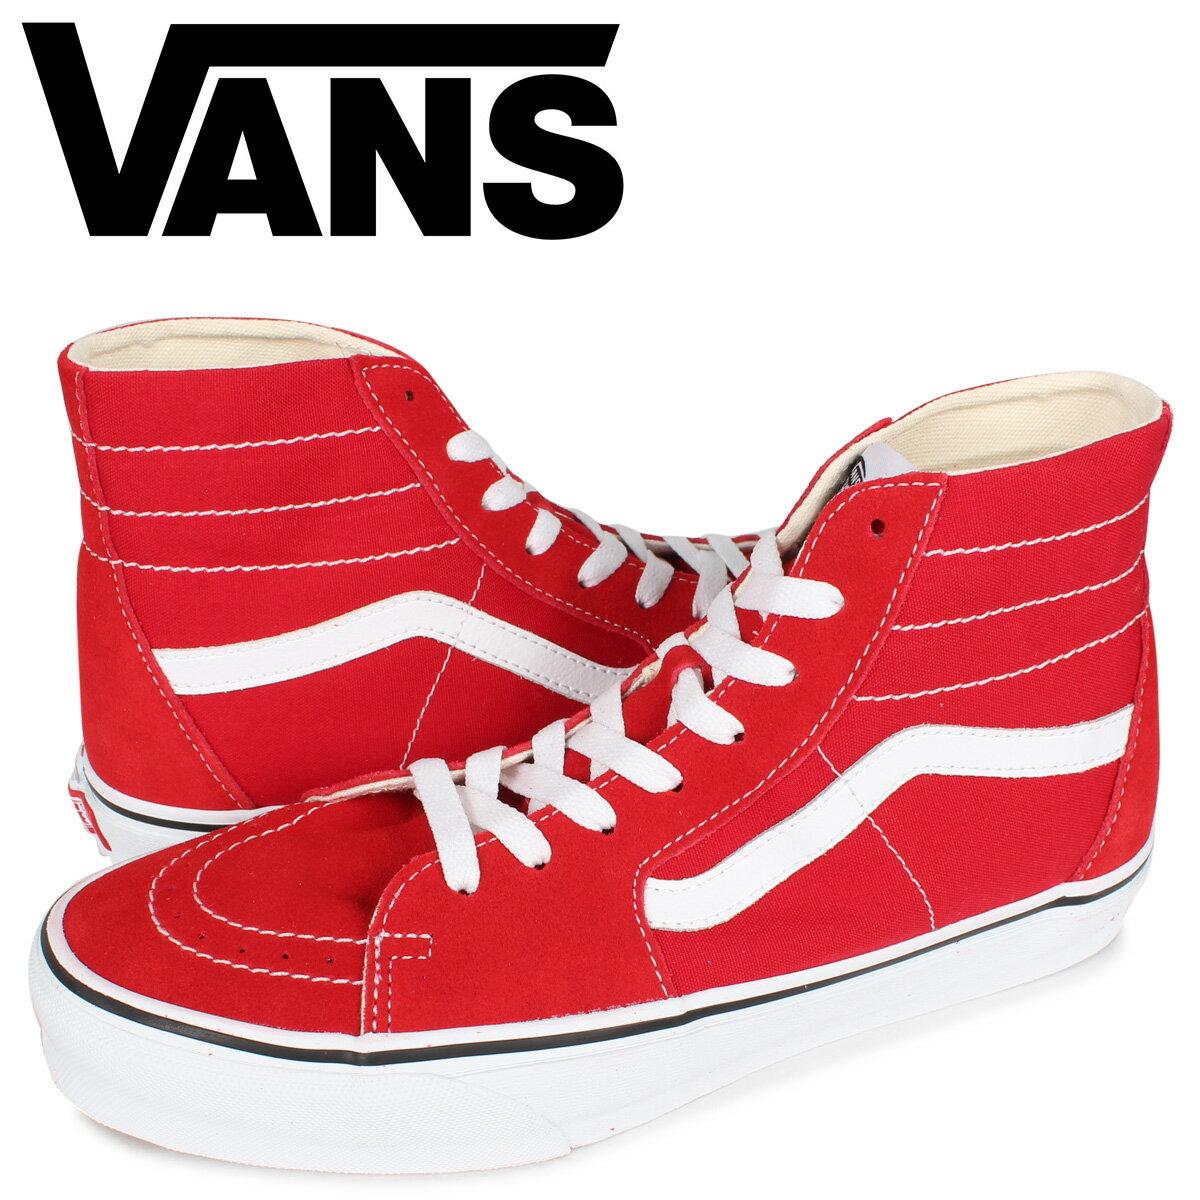 メンズ靴, スニーカー 2000OFF VANS SK8-HI TAPERED VN0A4U16JV6